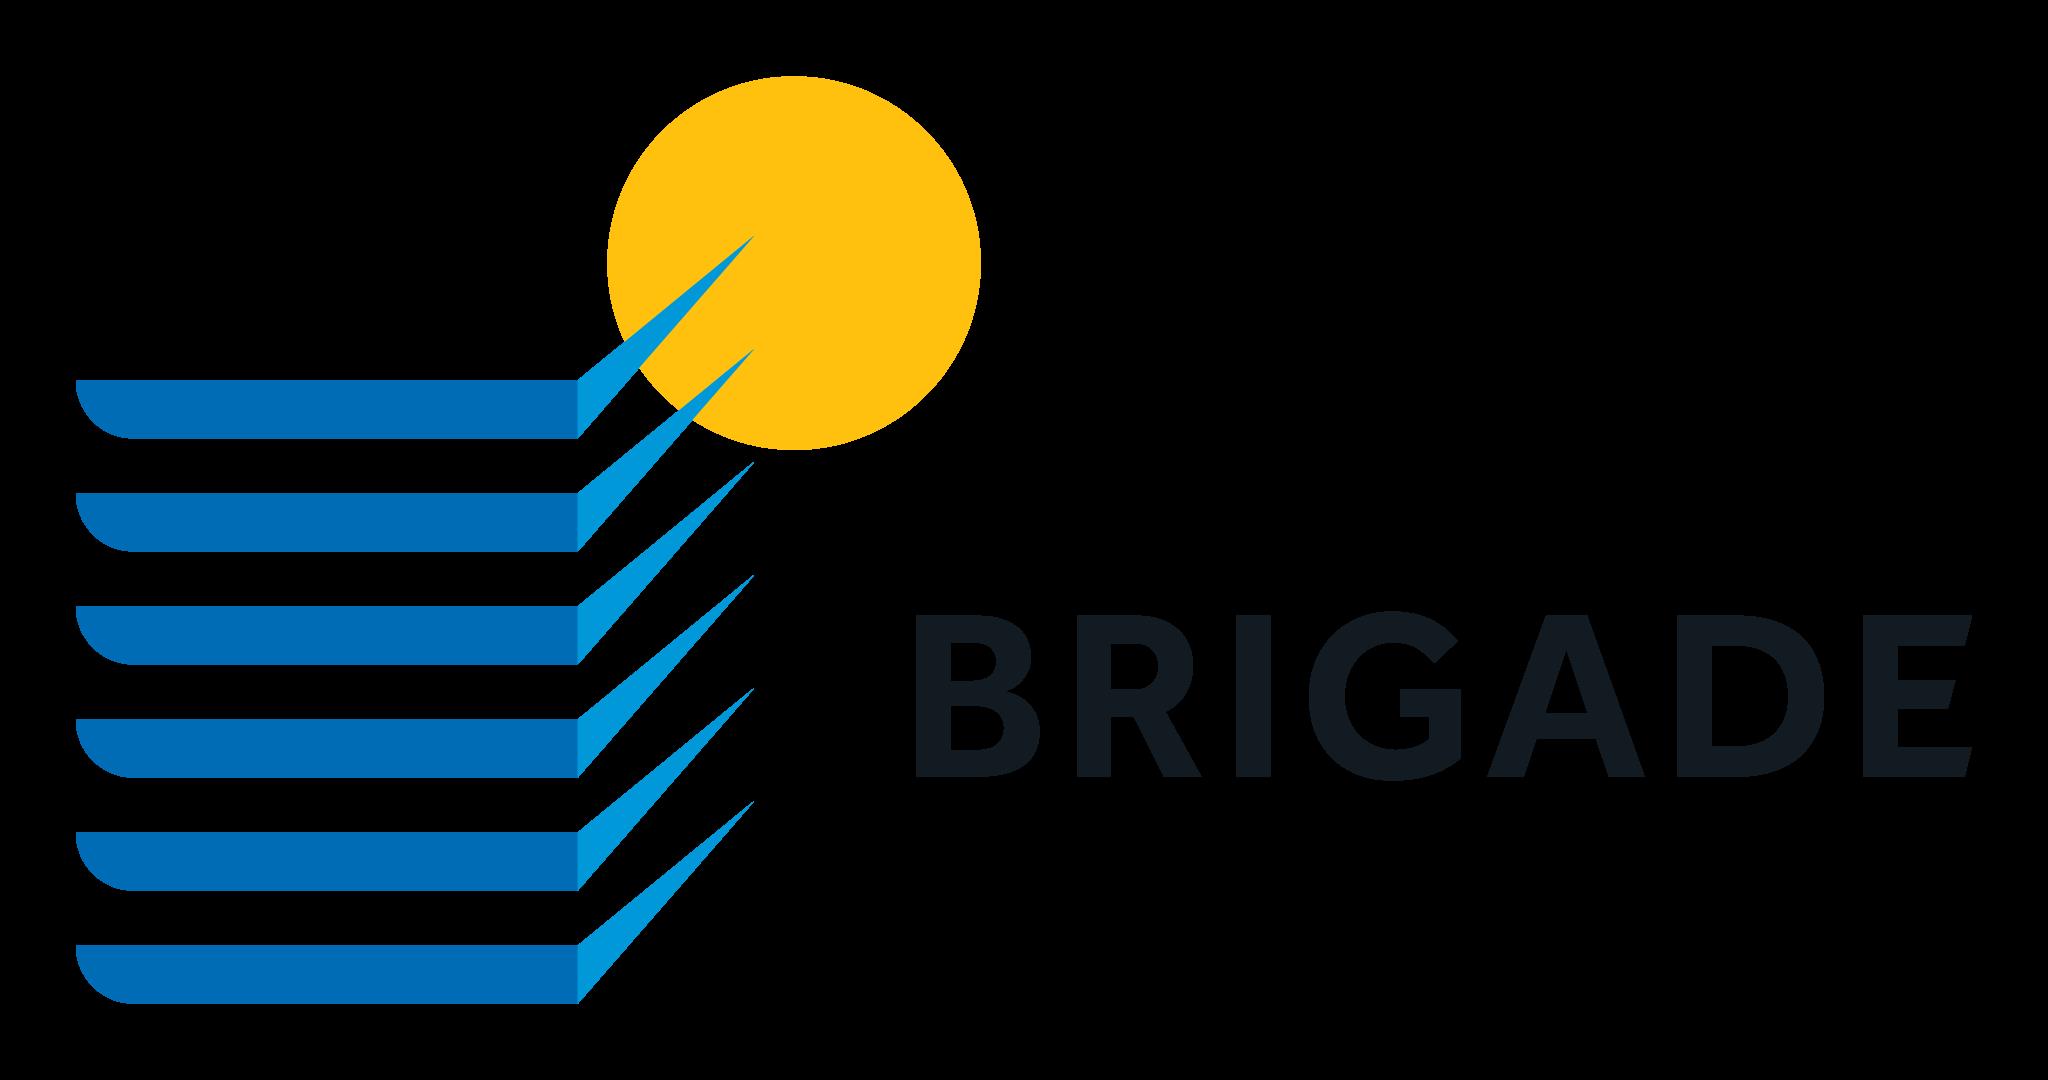 Brigade Corporation India Pvt Ltd Image